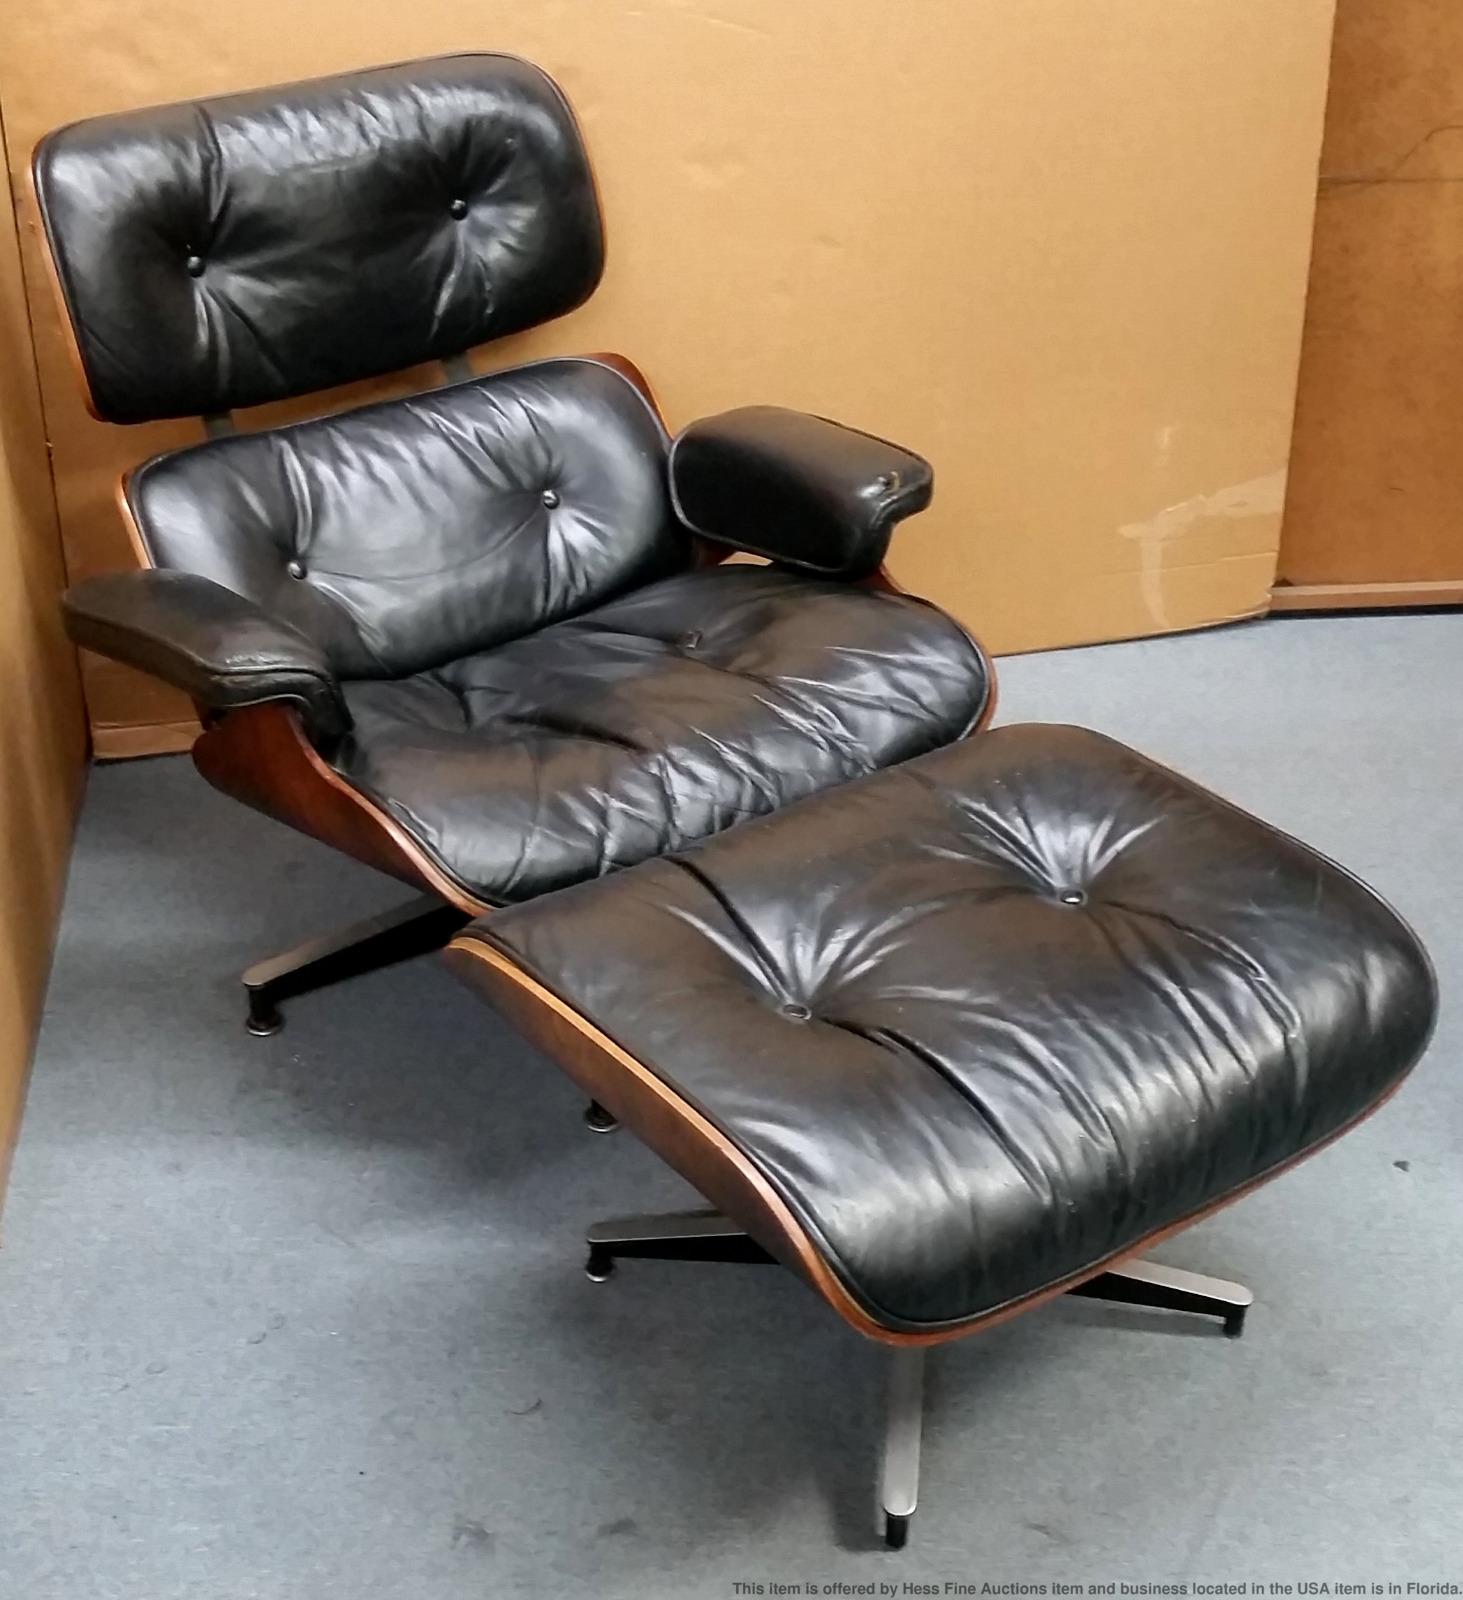 original vintage charles eames herman miller lounge chair. Black Bedroom Furniture Sets. Home Design Ideas